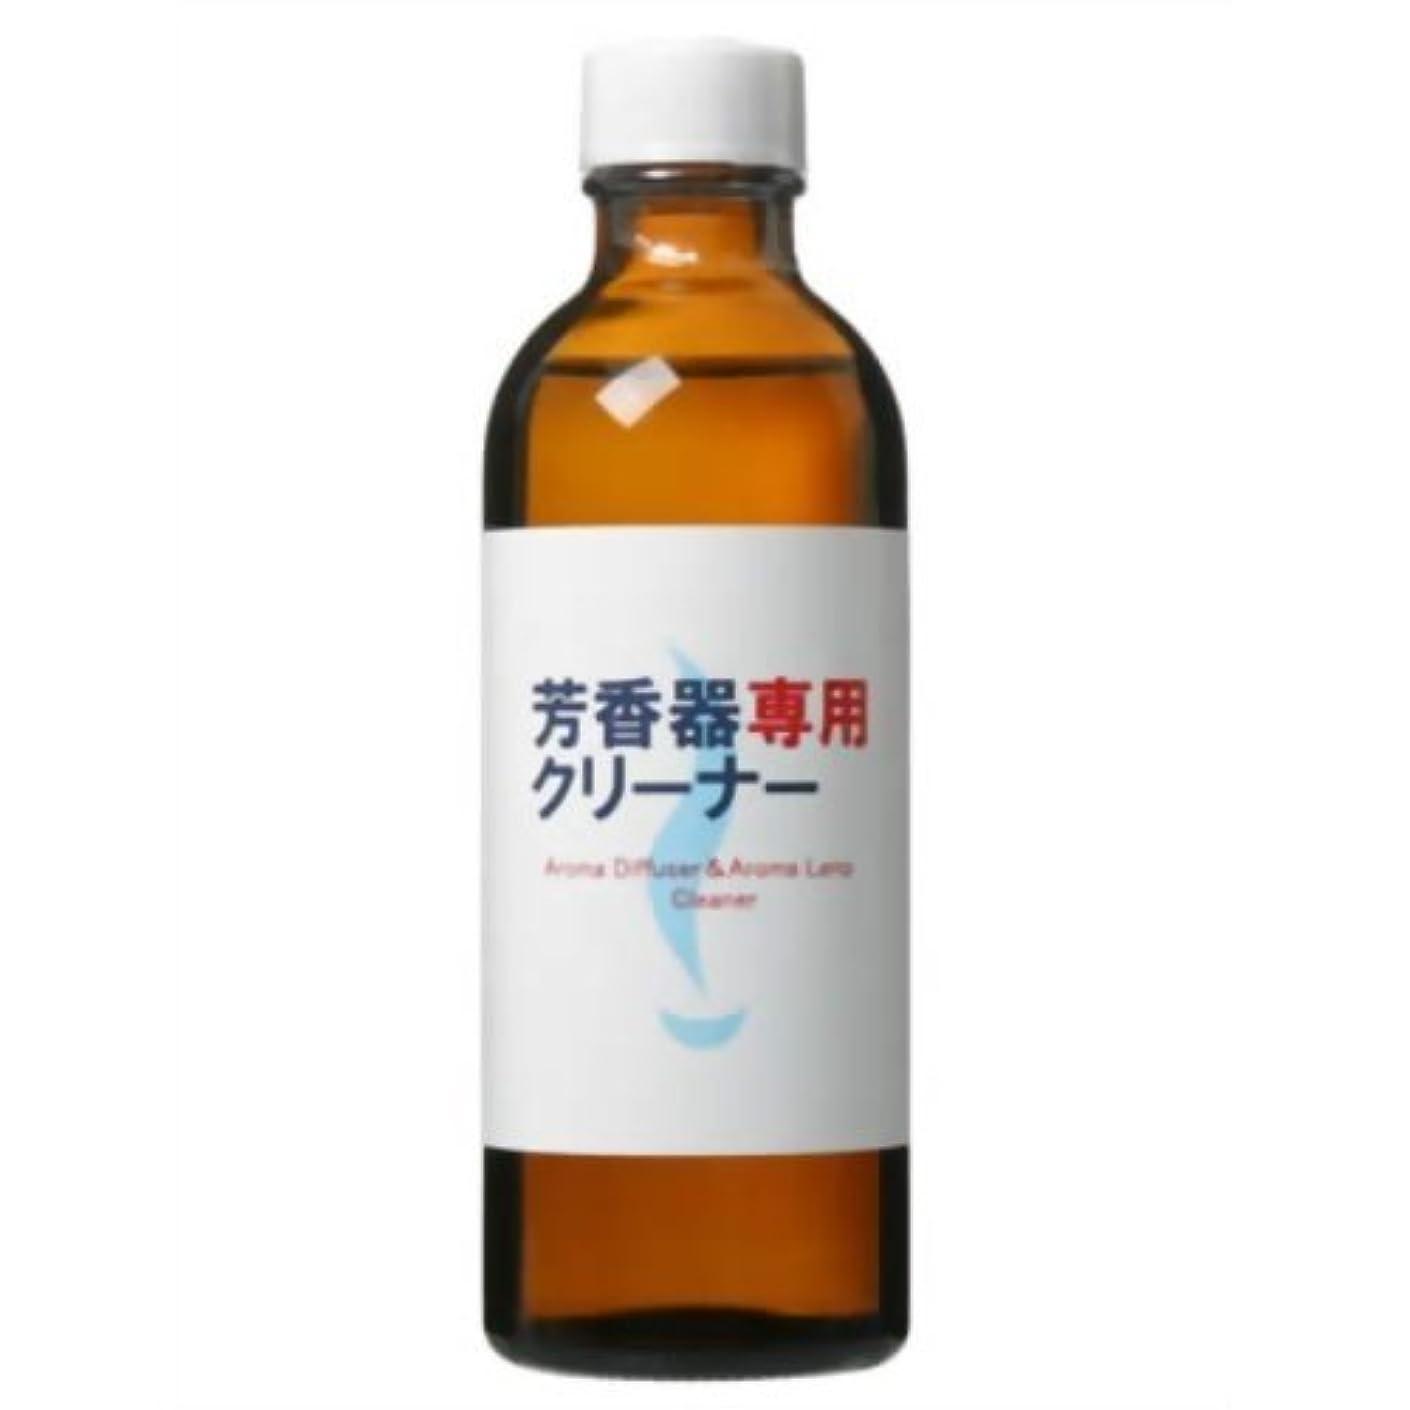 生活の木 芳香器専用クリーナー 08-801-1100